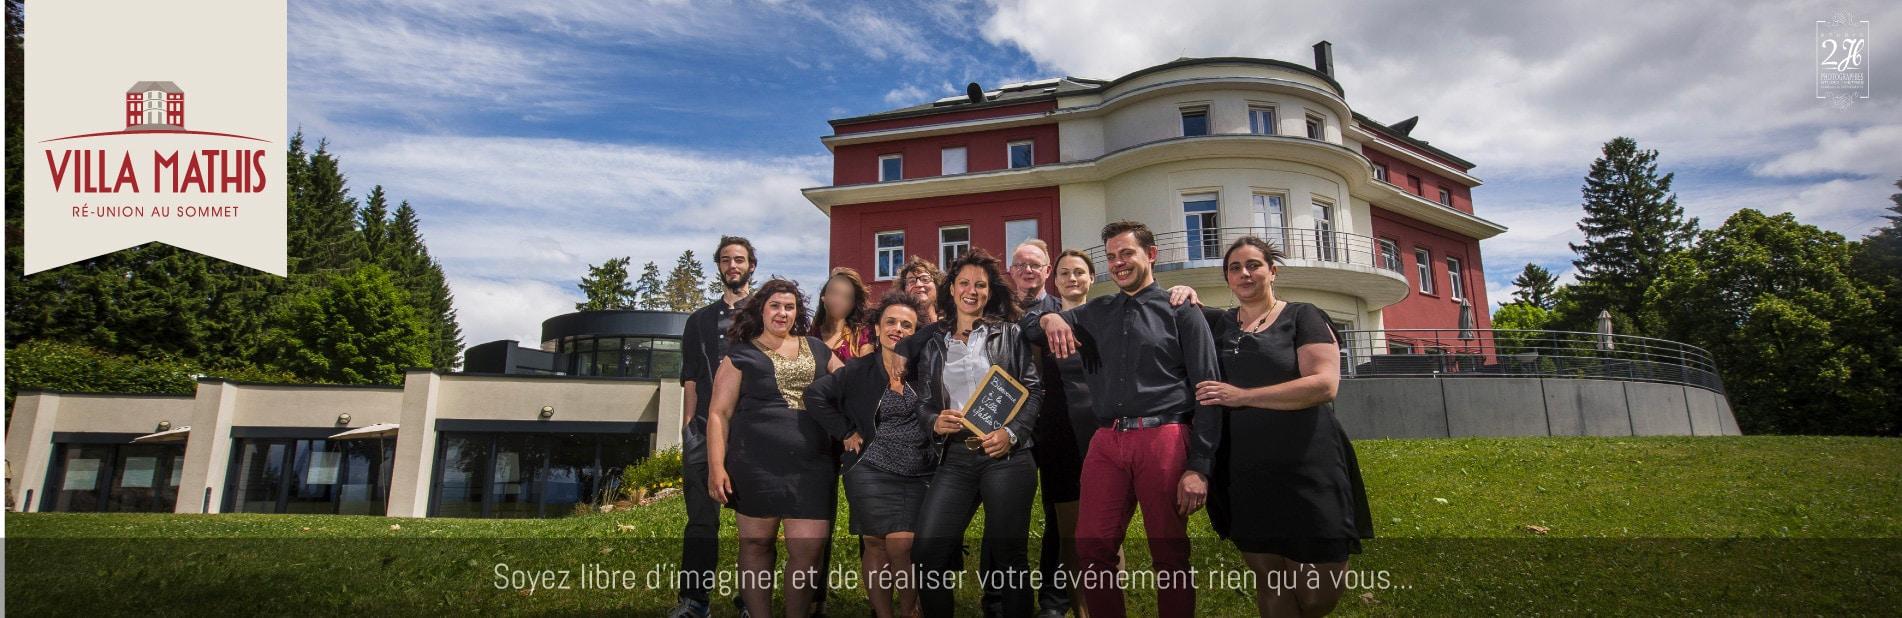 Mariage, fête, réception ou séminaire en Alsace